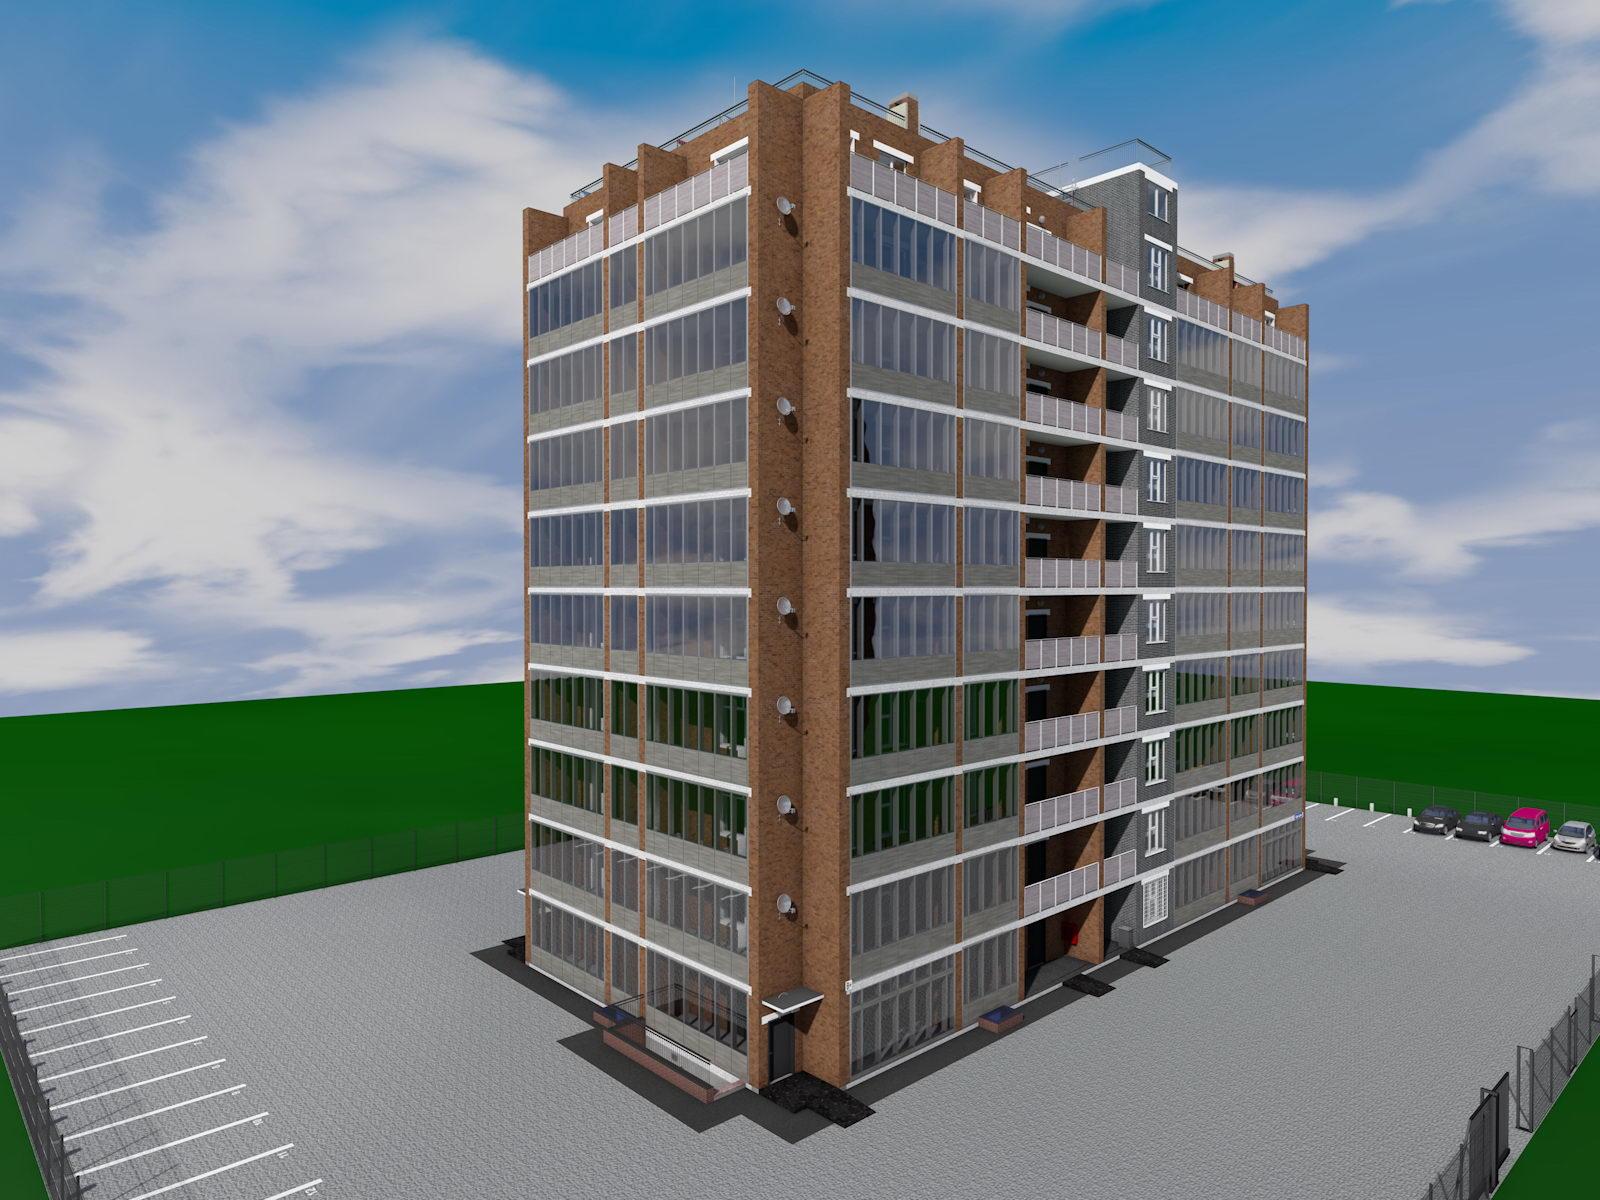 Moderné výškové obytné budovy